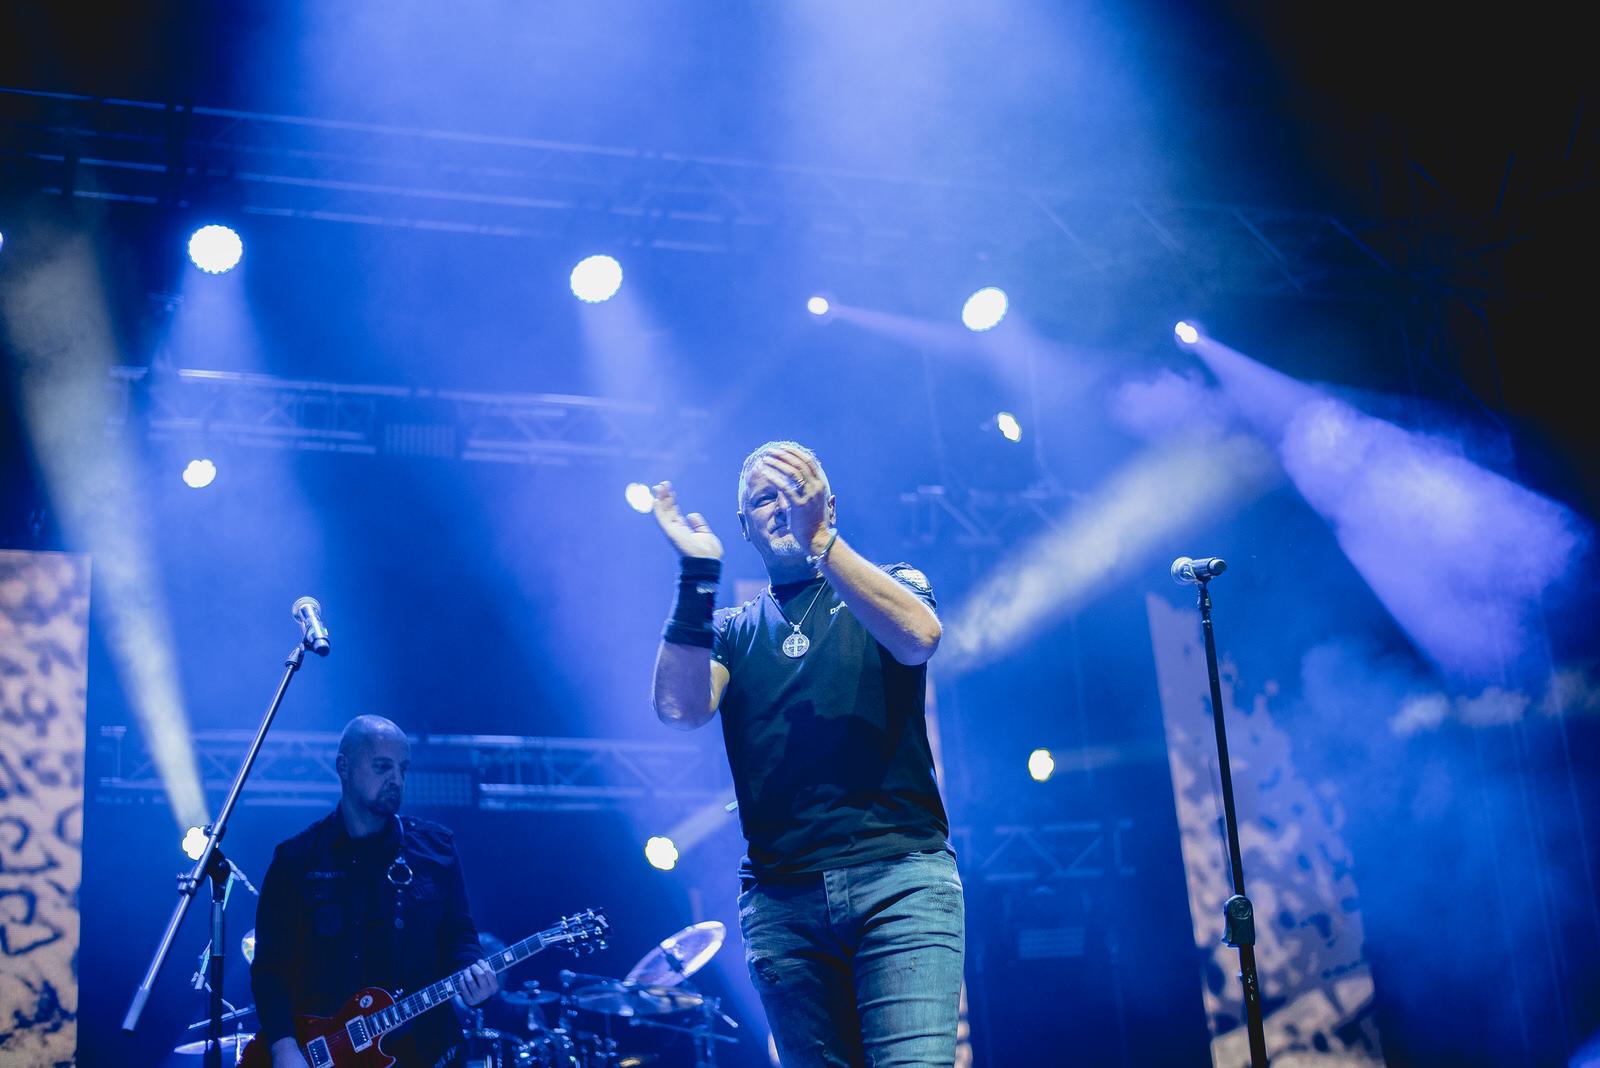 likaclub_gospić_koncert-thompson_2018-36